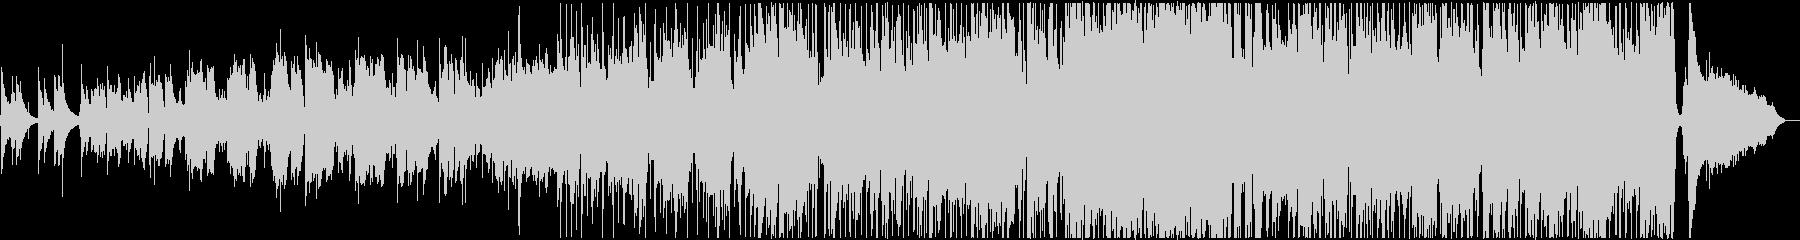 ゴスペルなイントロのミディアムバラードの未再生の波形